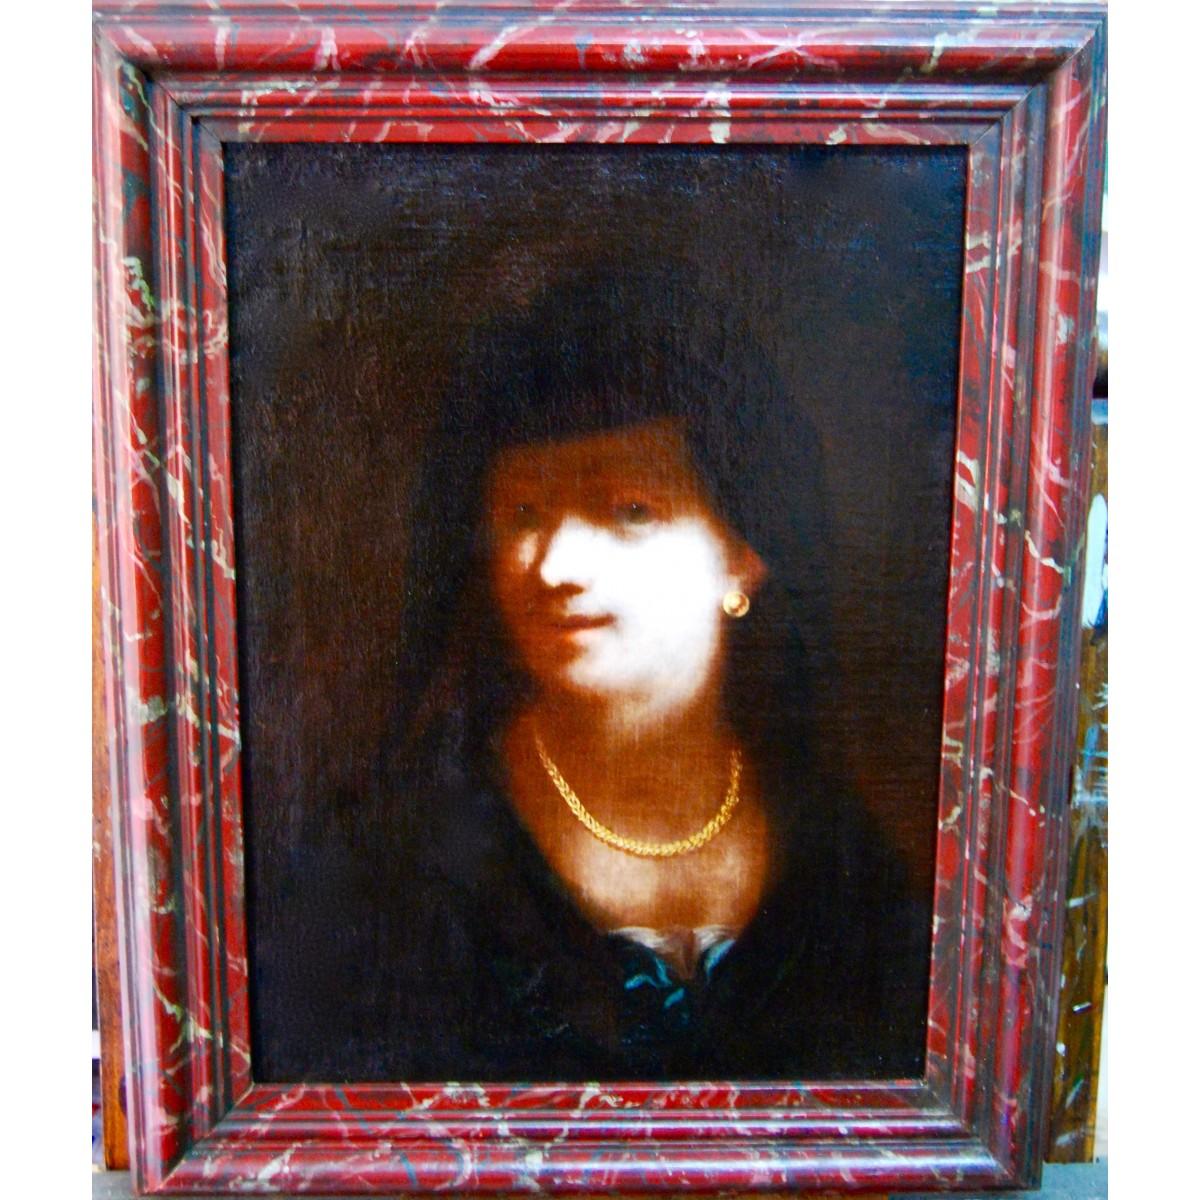 Retrato de mujer con collar de oro, pintura flamenca del siglo XVII.